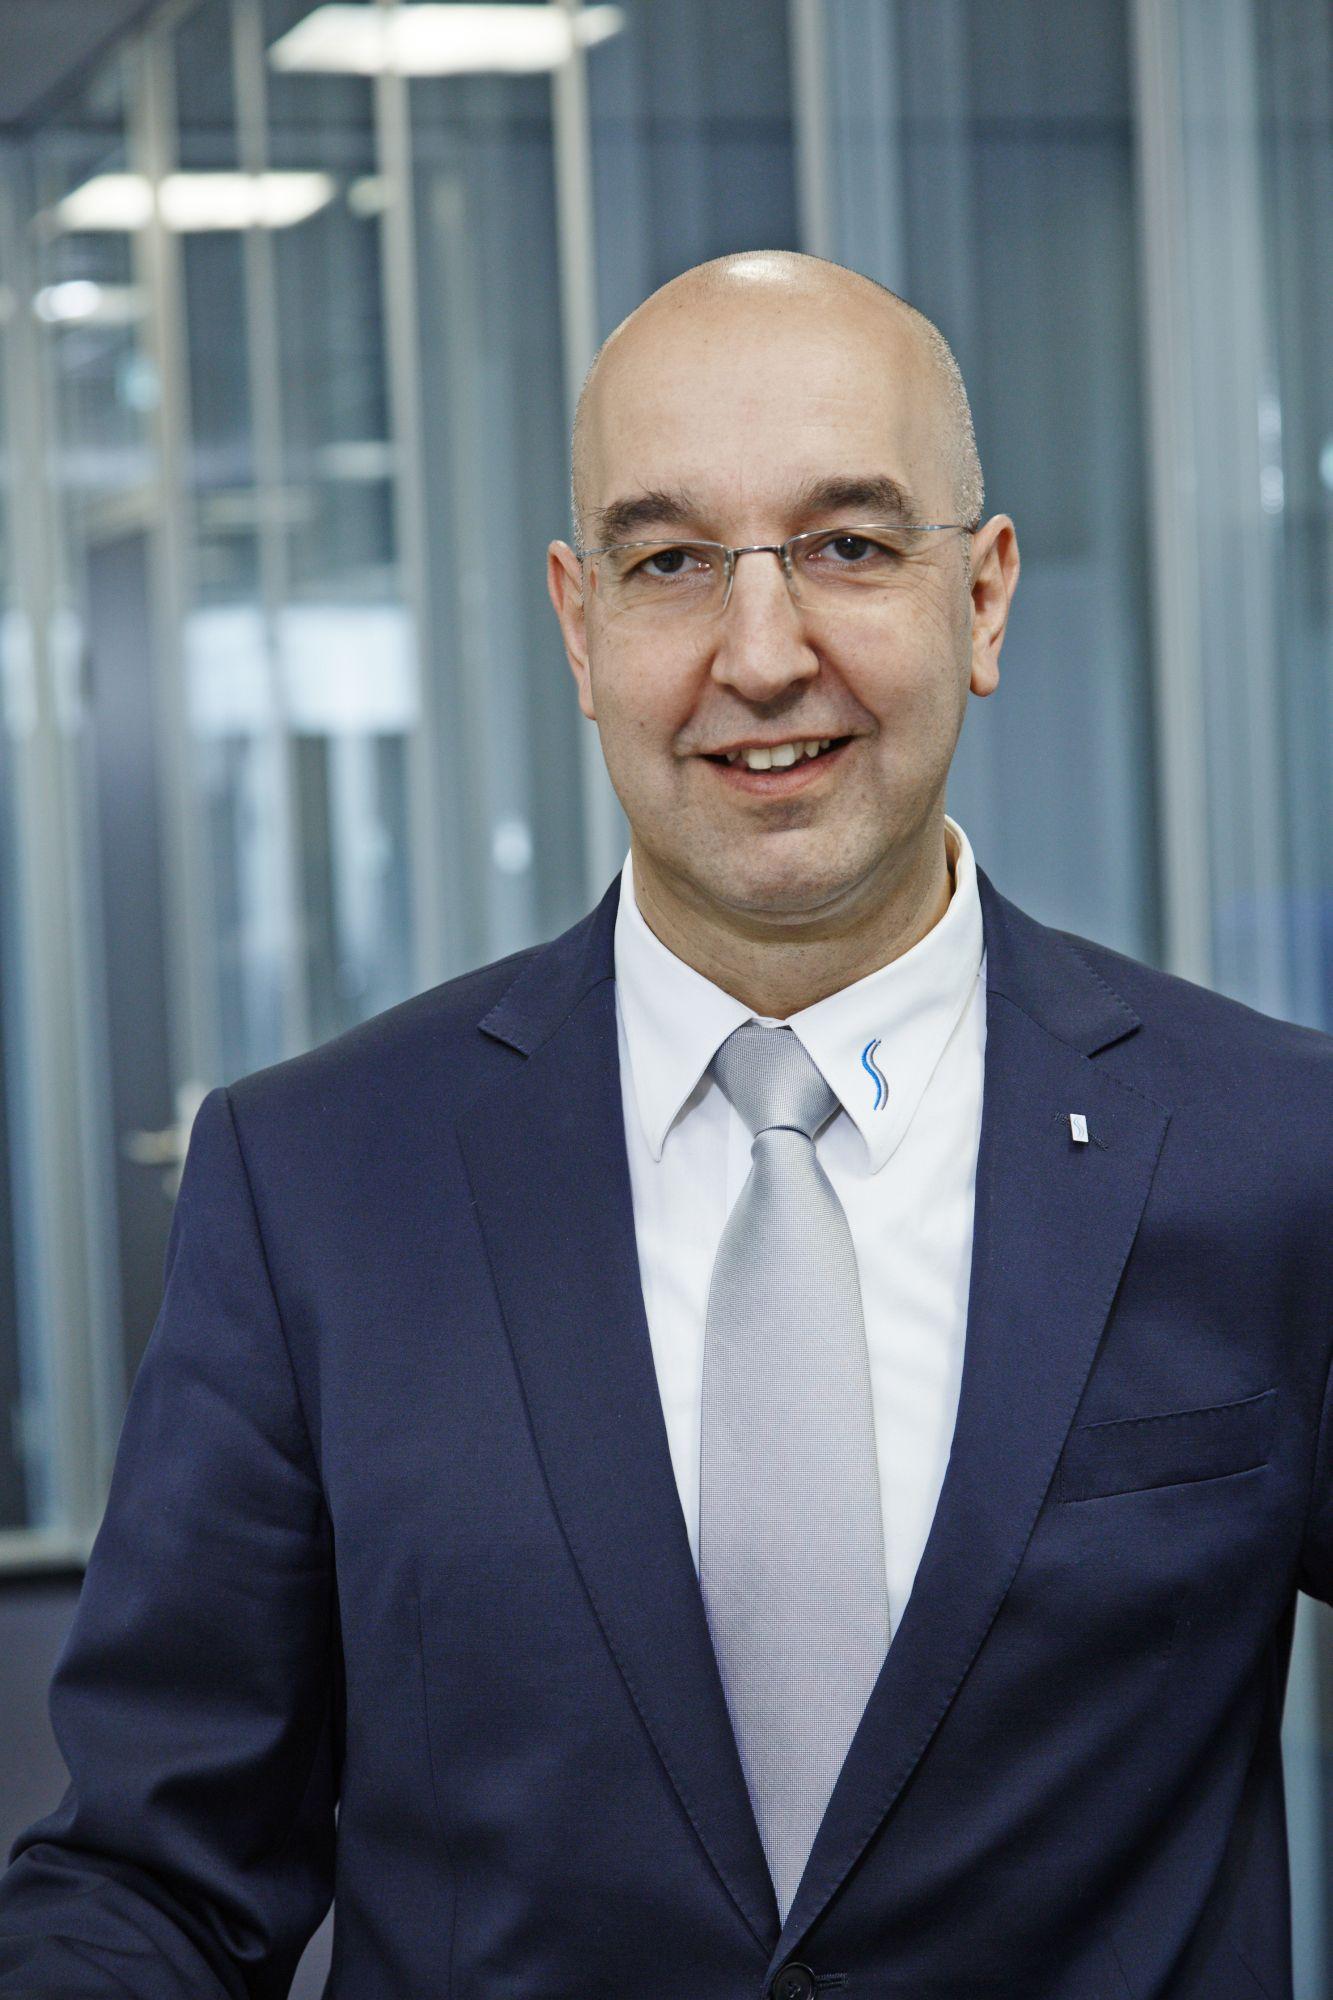 Karl Großalber VP Marketing & Sales